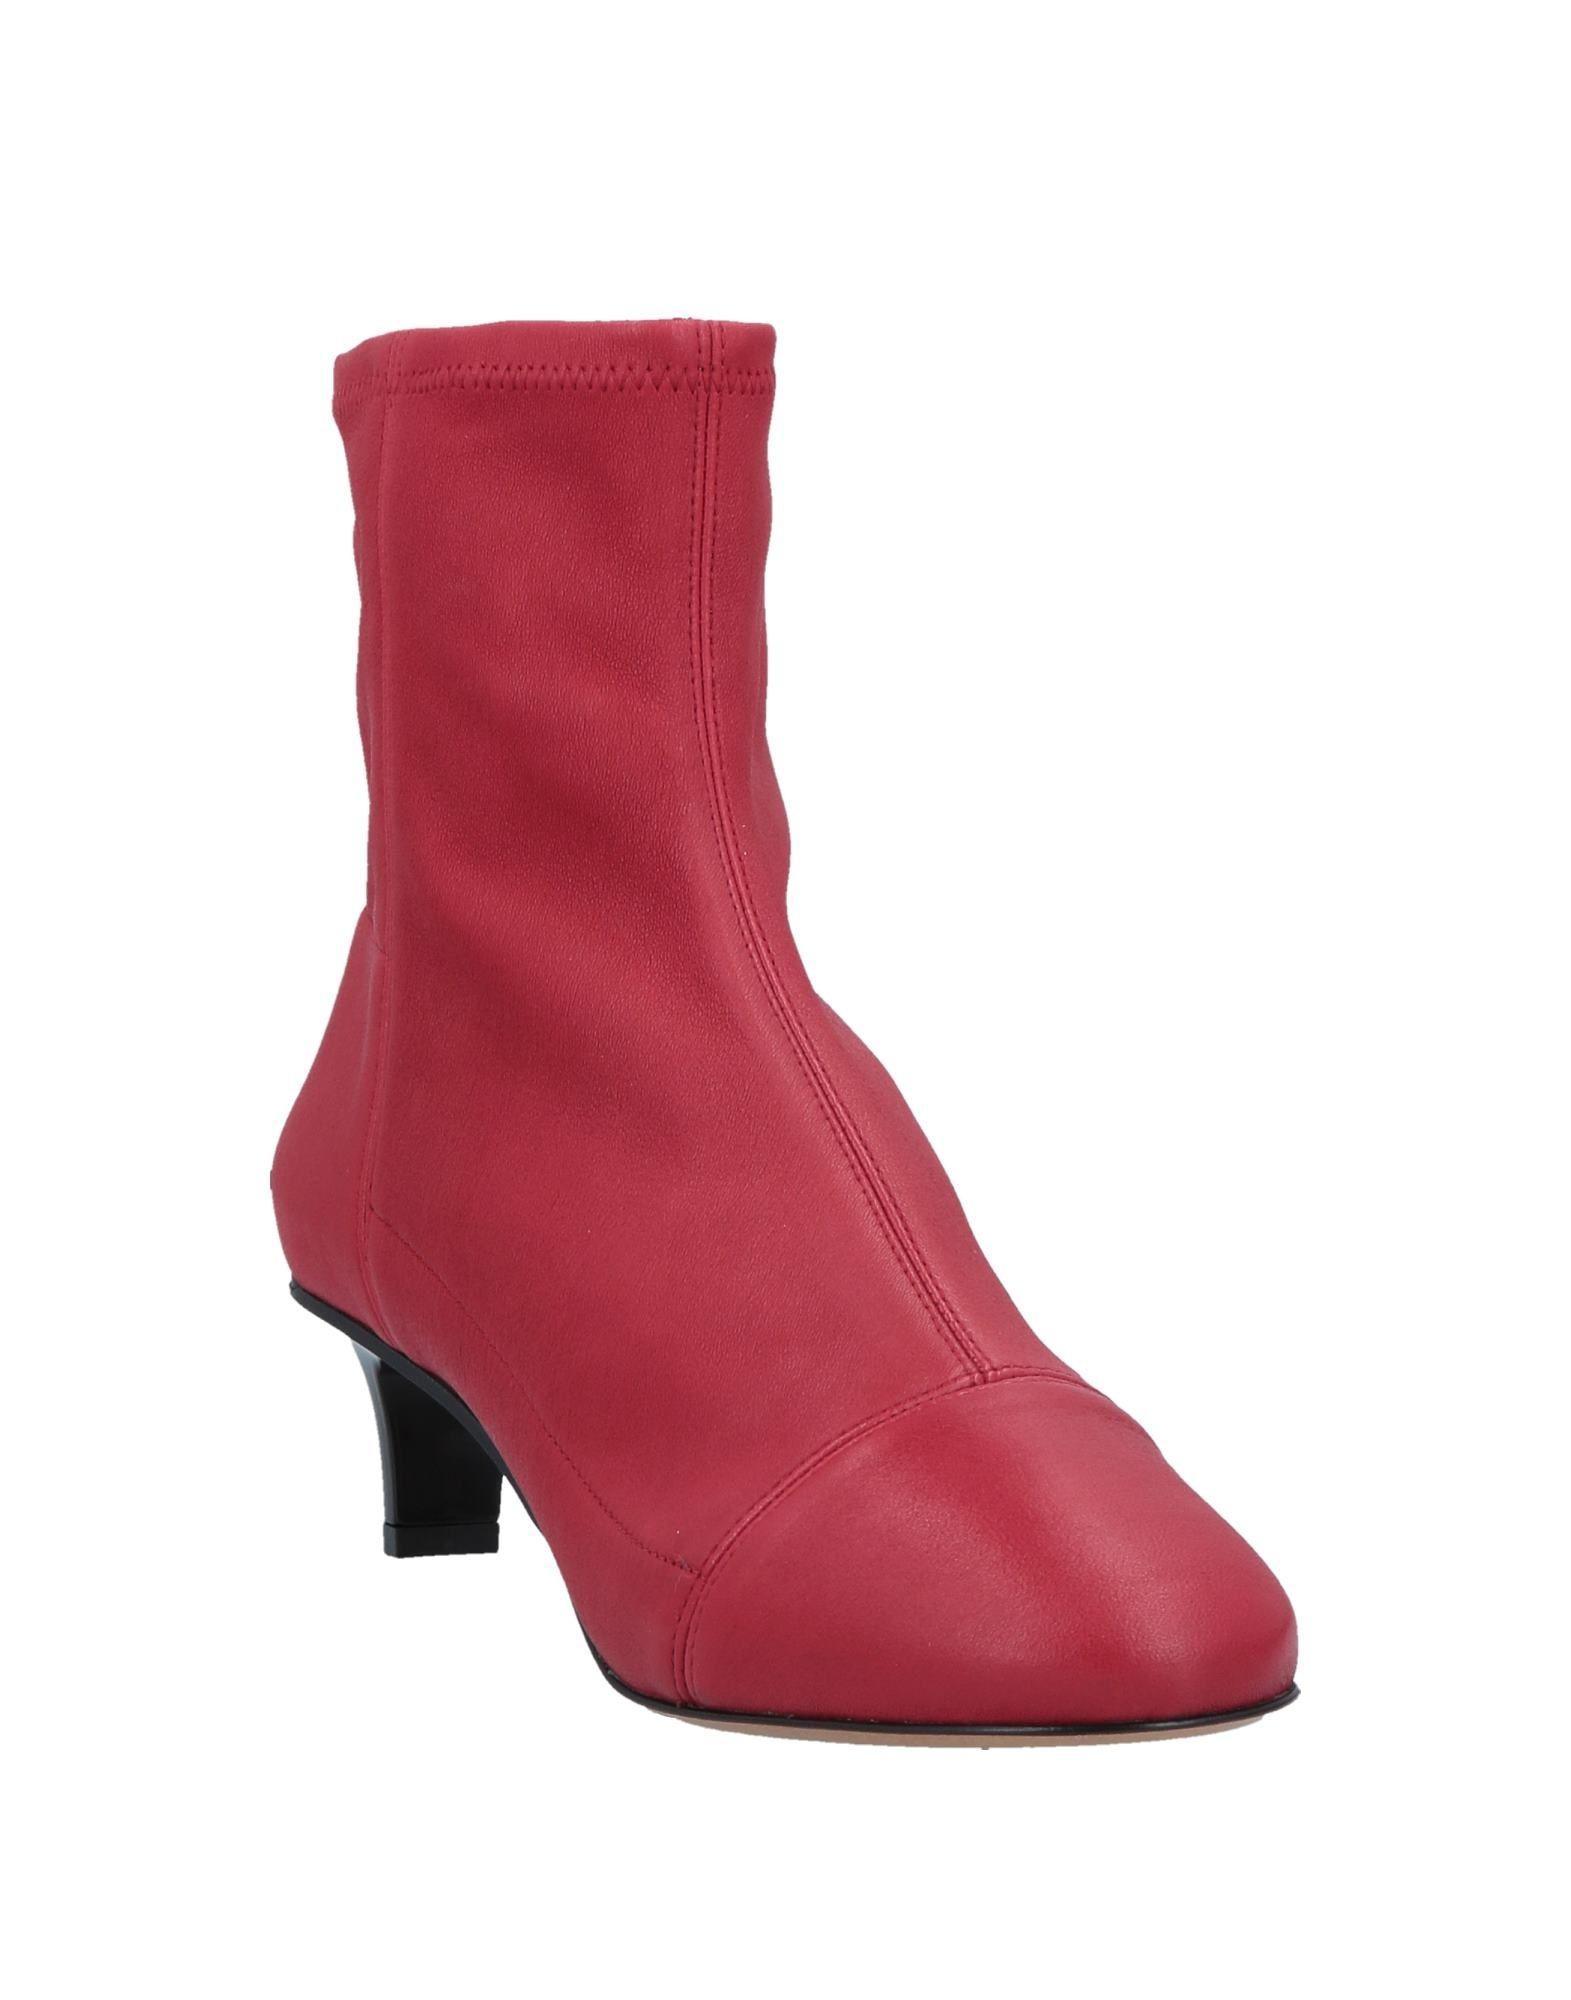 Botines de caña alta Isabel Marant de Cuero de color Rojo